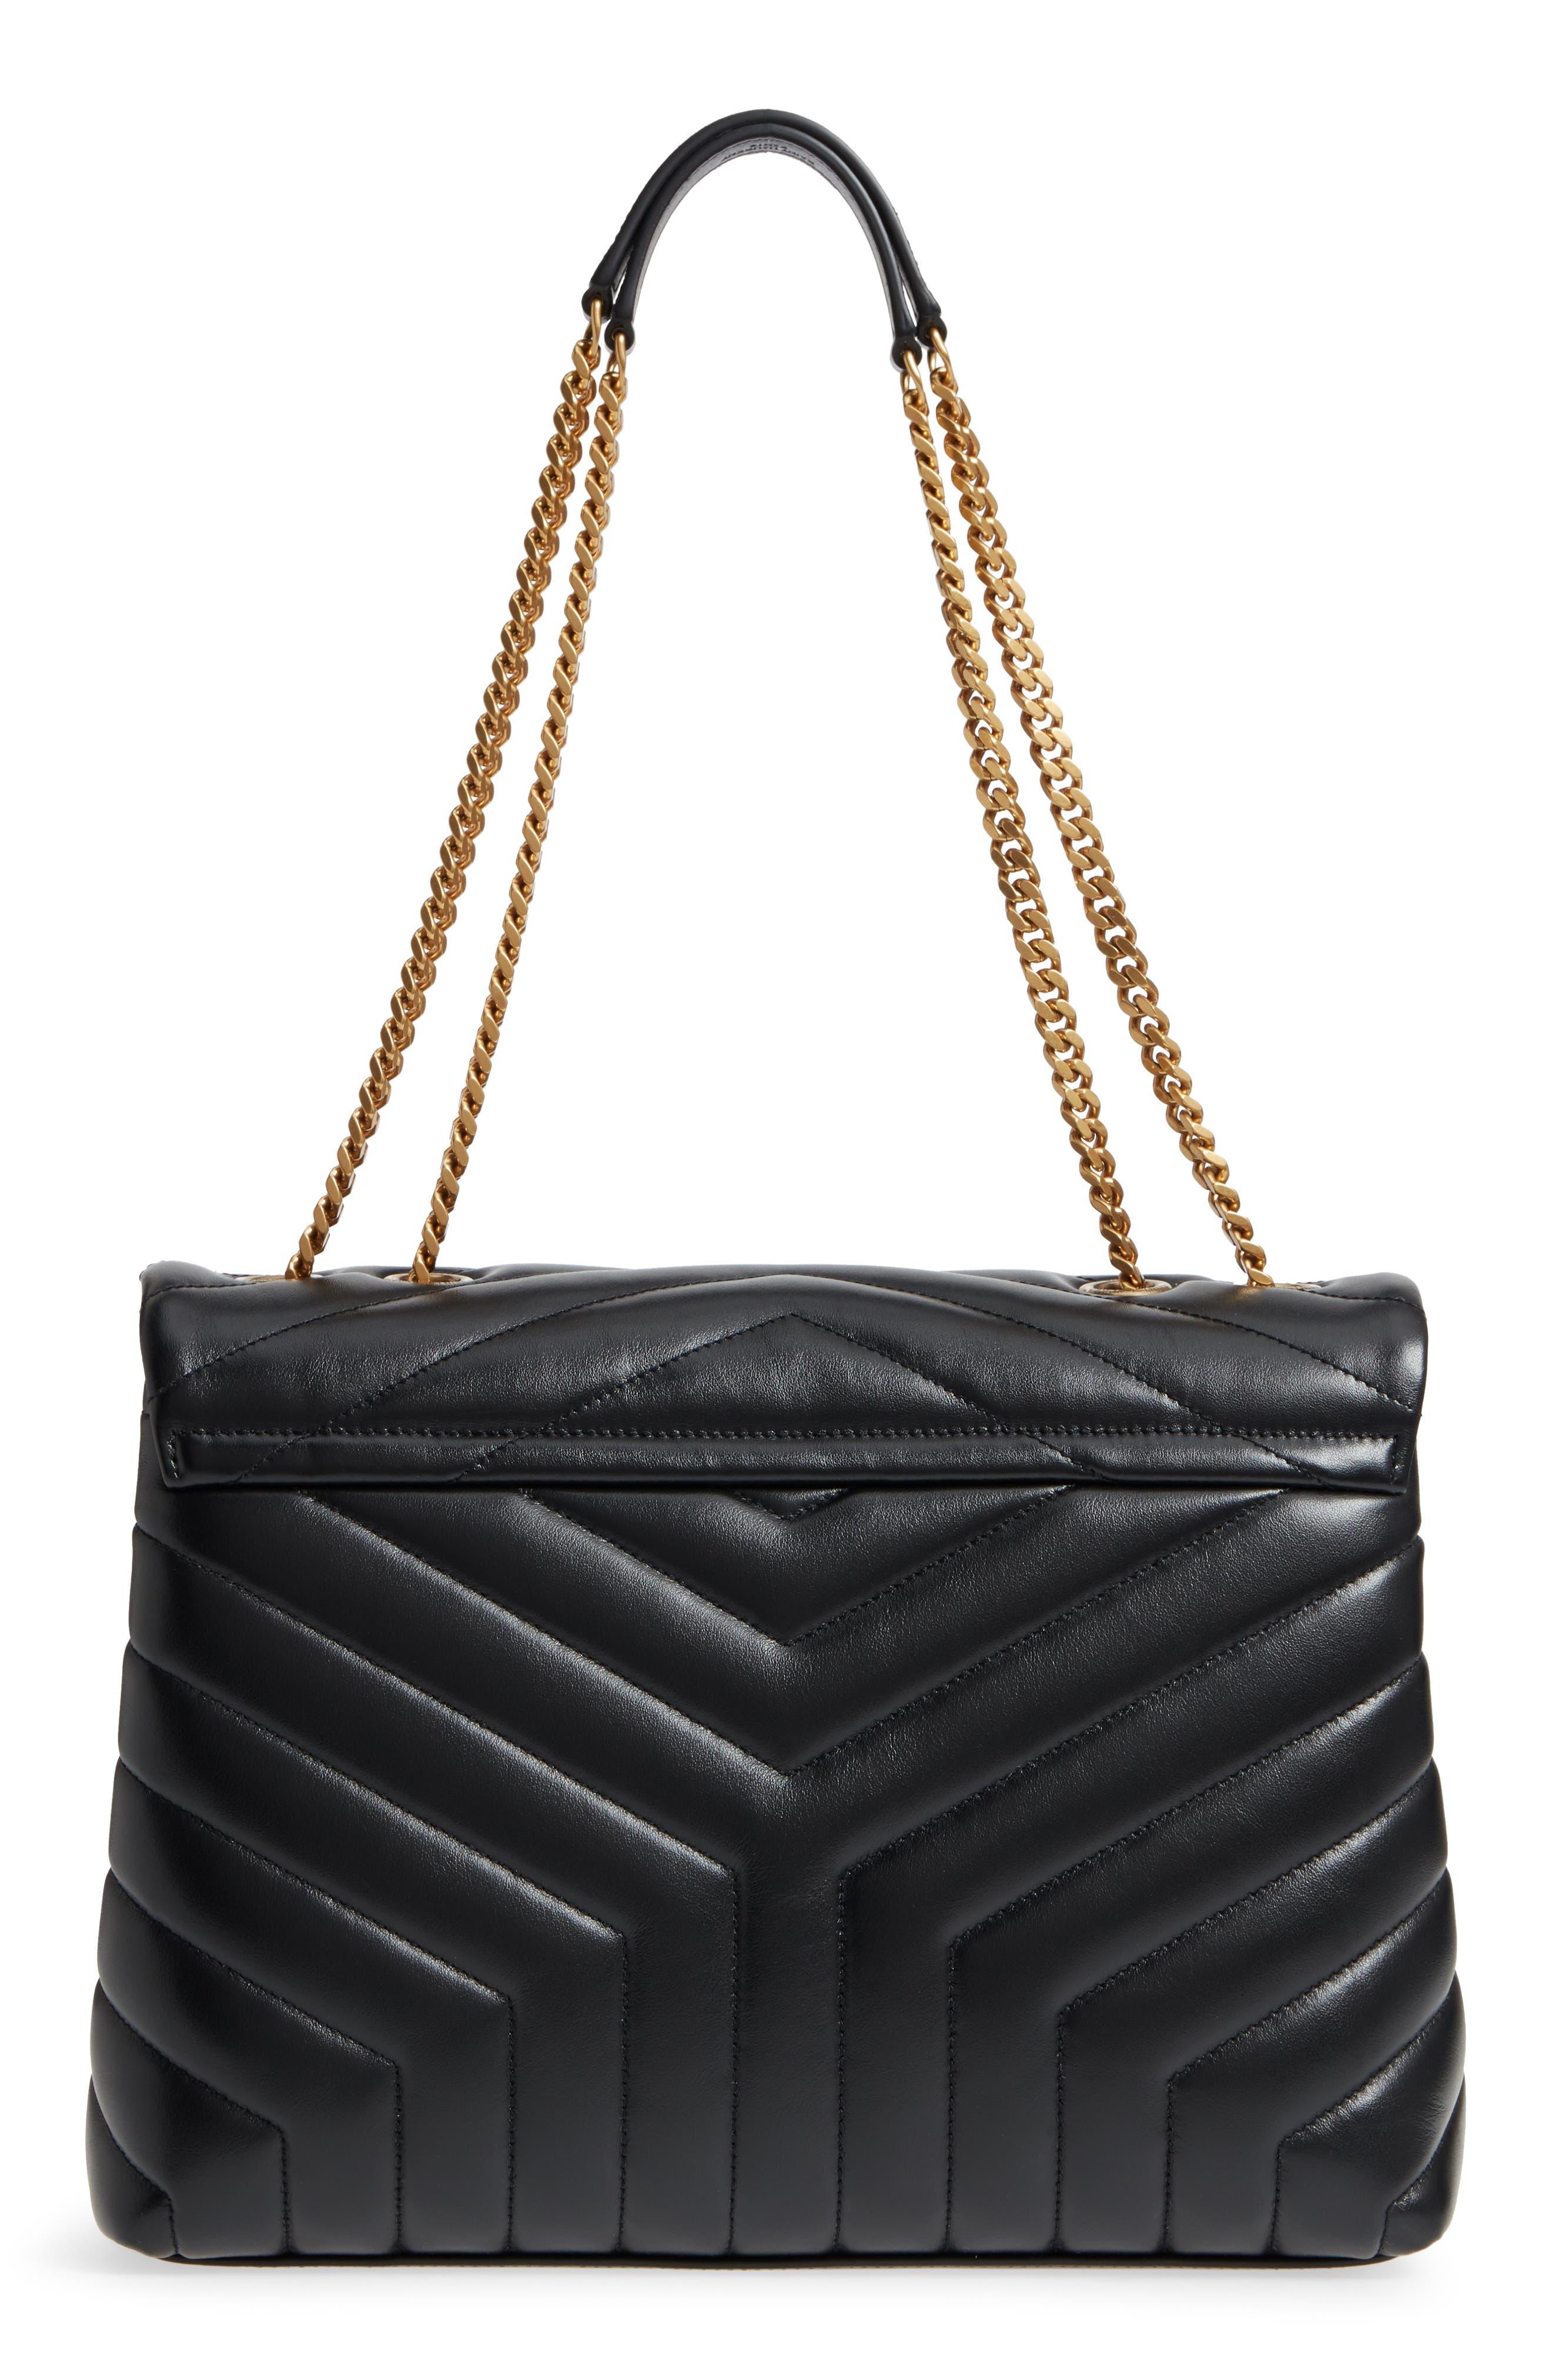 Medium Loulou Matelassé Calfskin Leather Shoulder Bag,                             Alternate thumbnail 3, color,                             NOIR/ GOLD